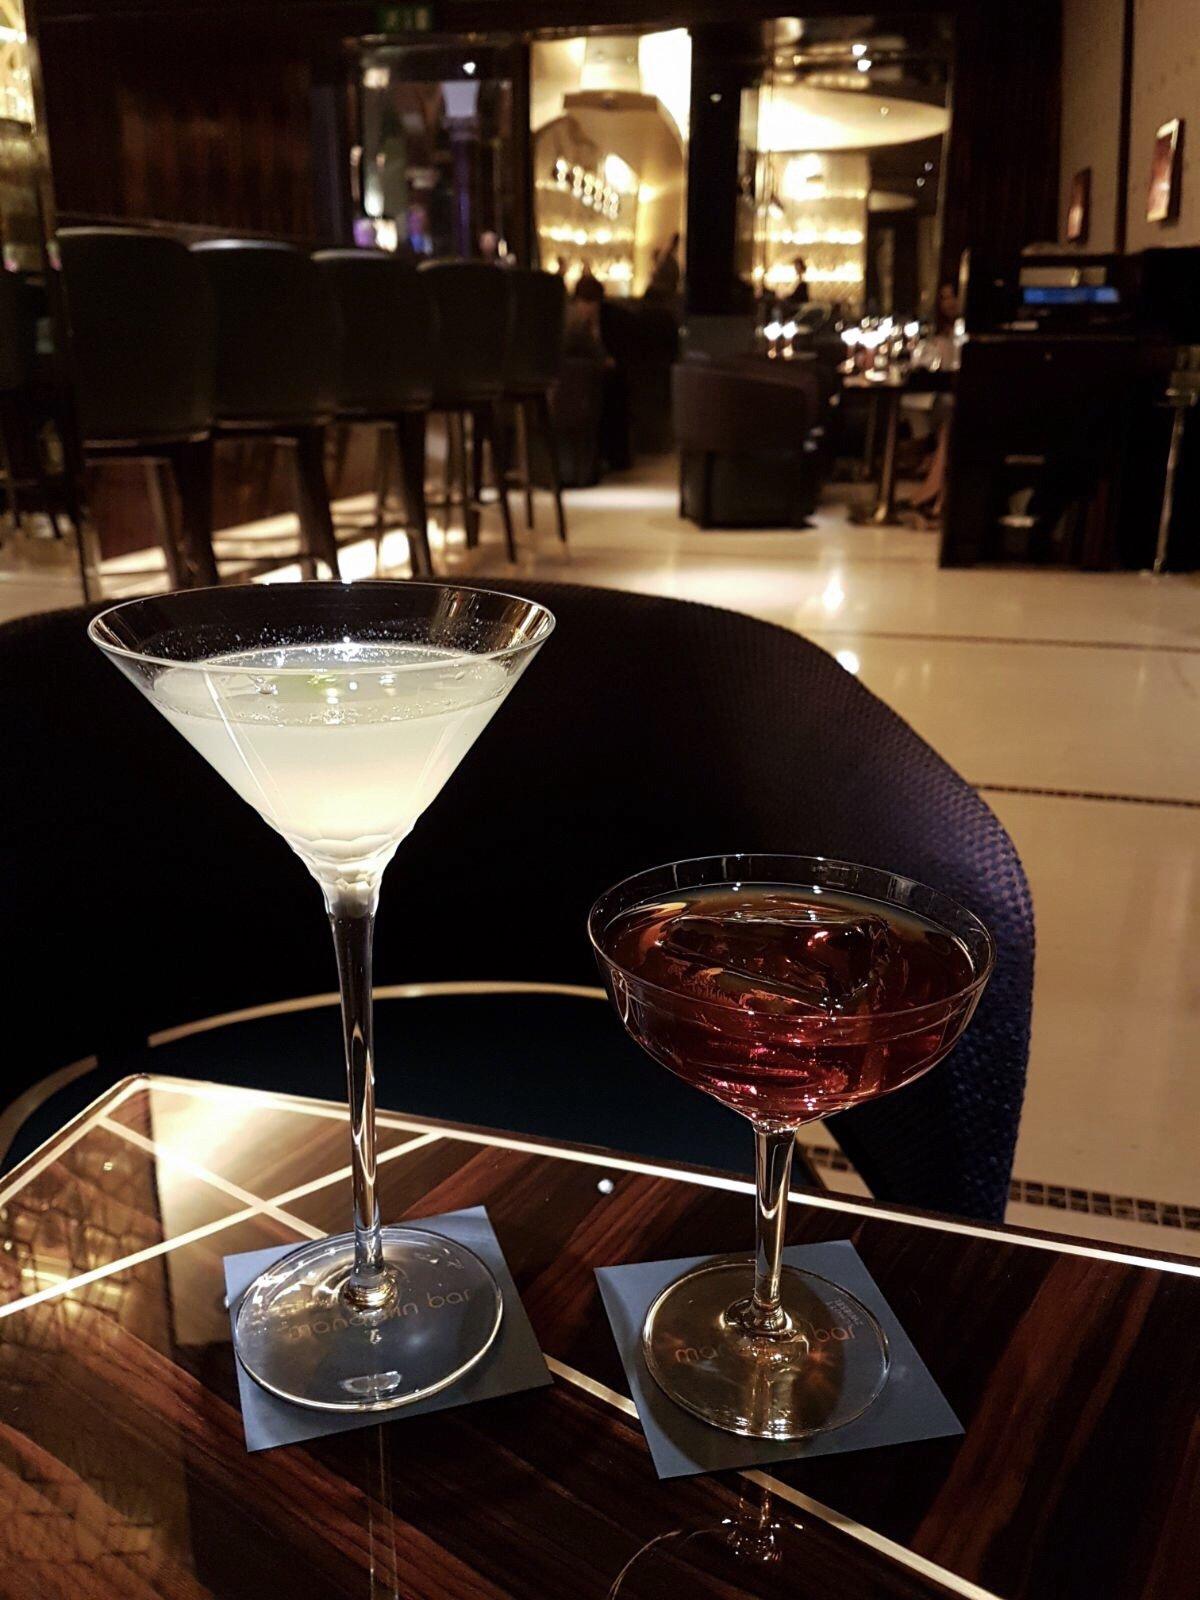 Date night at The Mandarin Bar, Mandarin Oriental